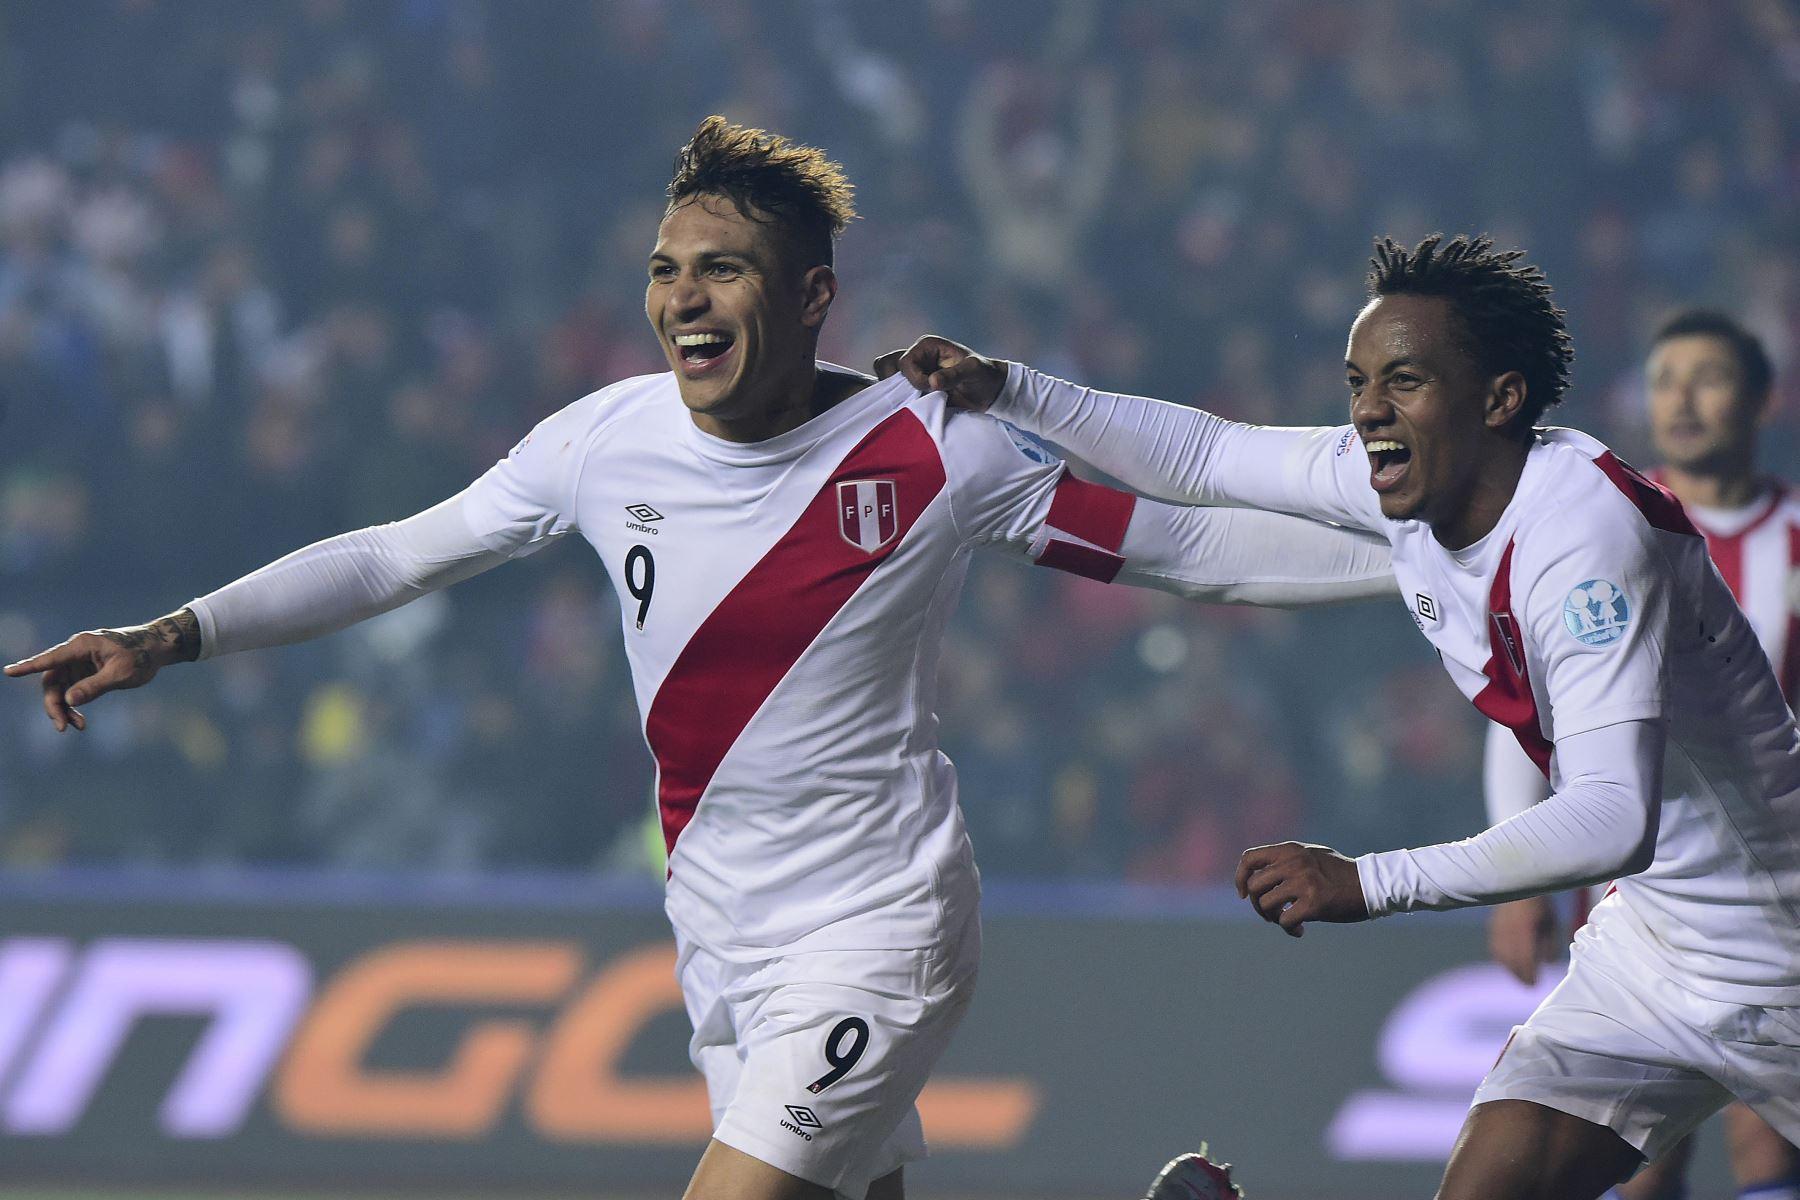 El delantero del Perú Paolo Guerrero (L) celebra con su compañero Andre Carrillo (R) luego de marcar ante Paraguay durante el tercer partido de fútbol de la Copa América en Concepción, Chile el 3 de julio de 2015.  Foto: AFP